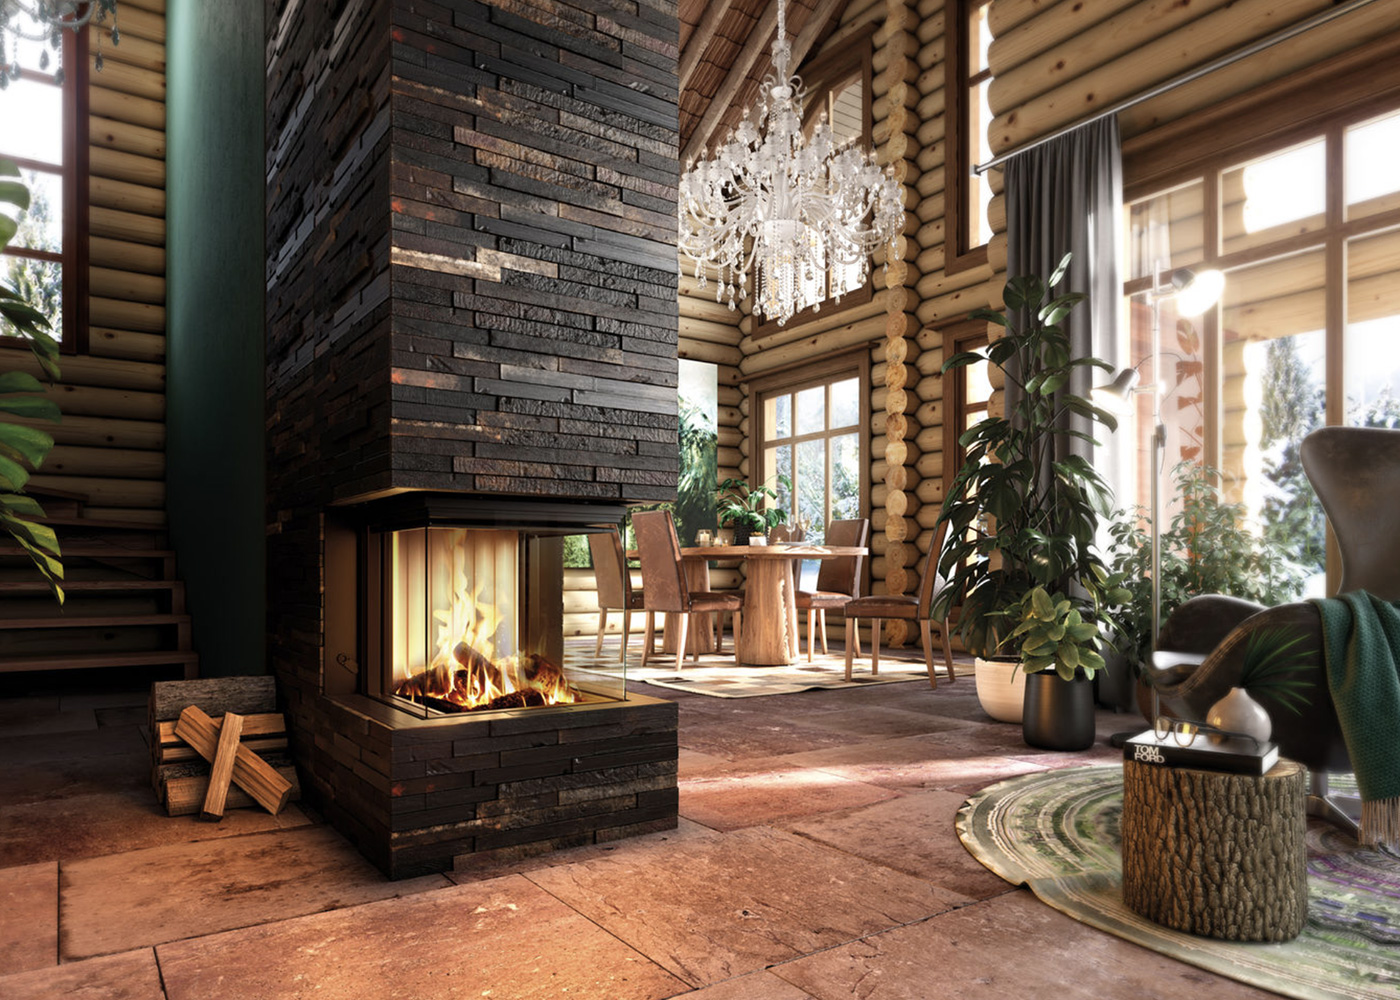 En inspirationsbild av en rustik braskamin i fjällstuga med en ombonad känsla.